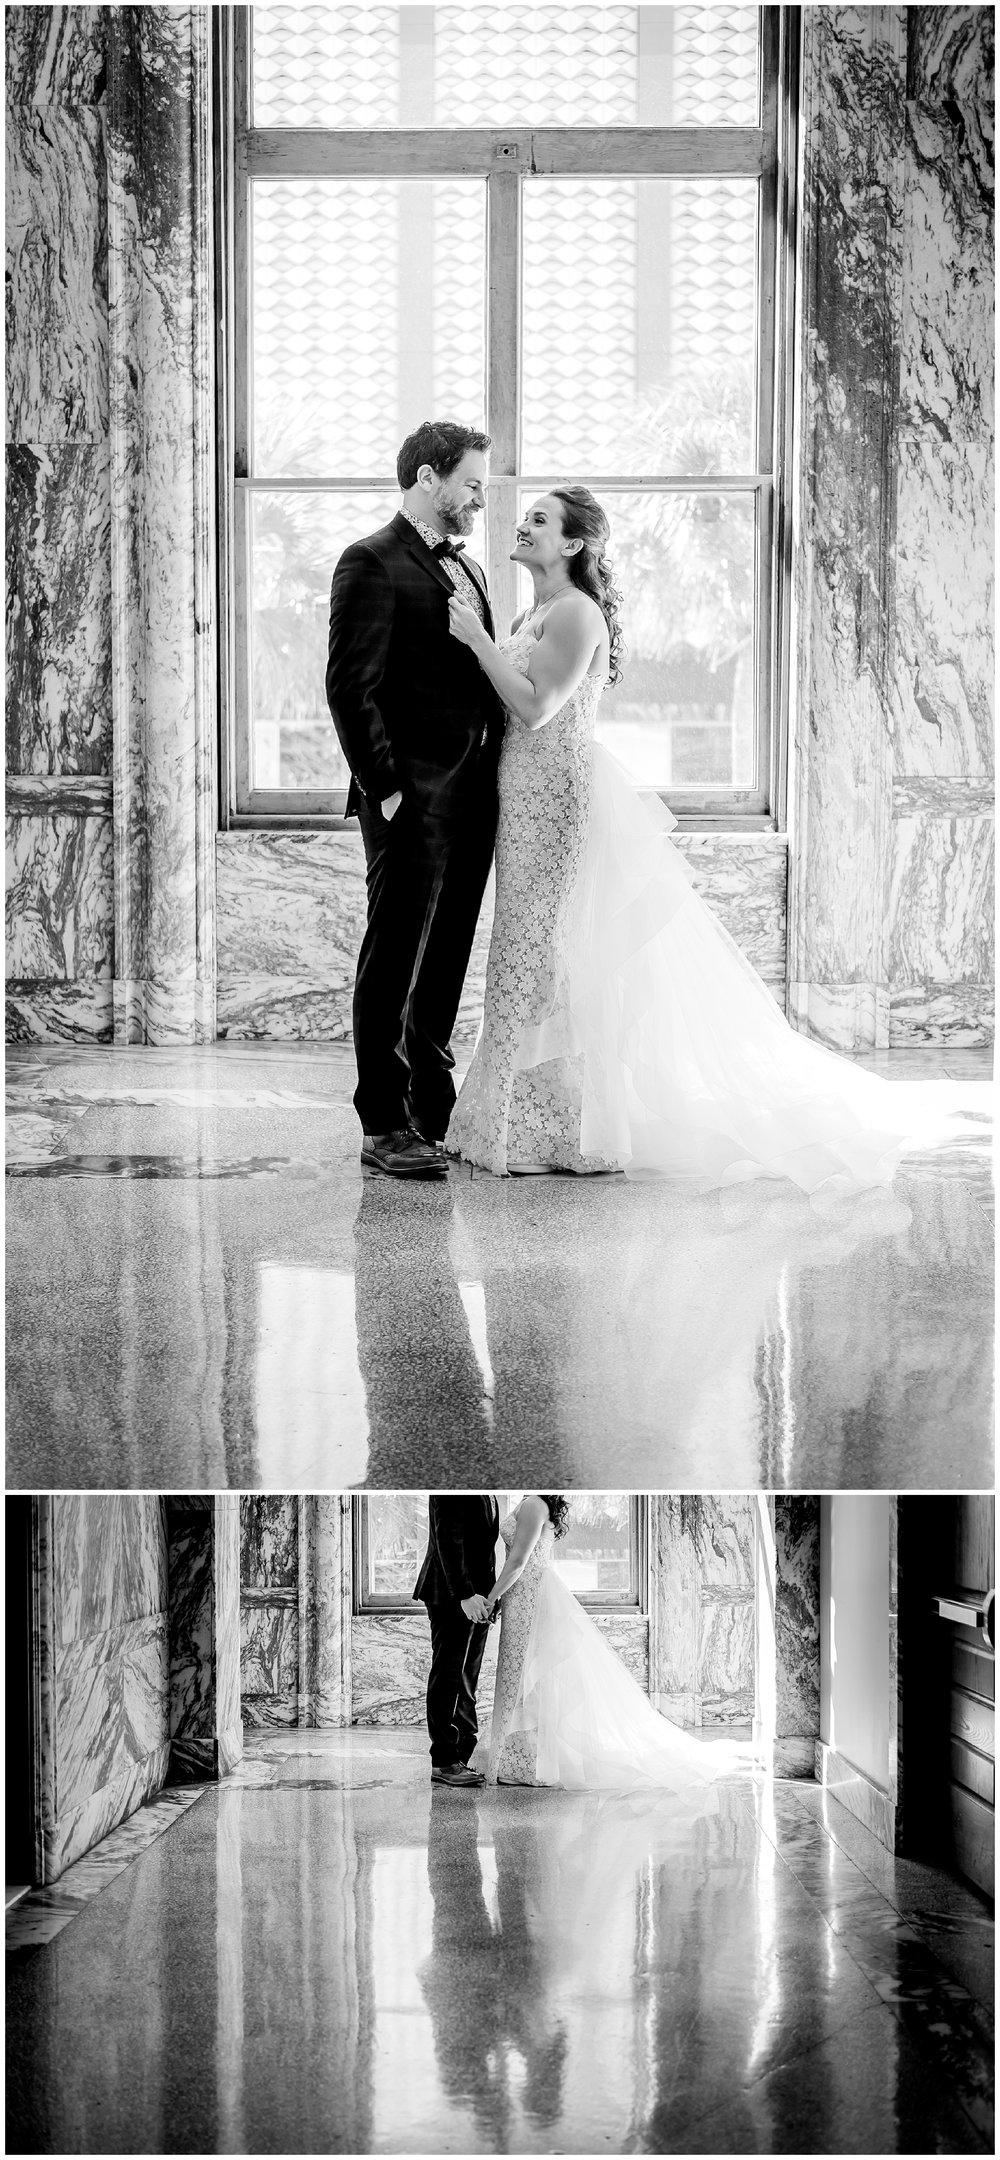 tampa-wedding-photographer-davis-island-flamingo-garden-alexander-mcqueen-non-traditional_0014.jpg